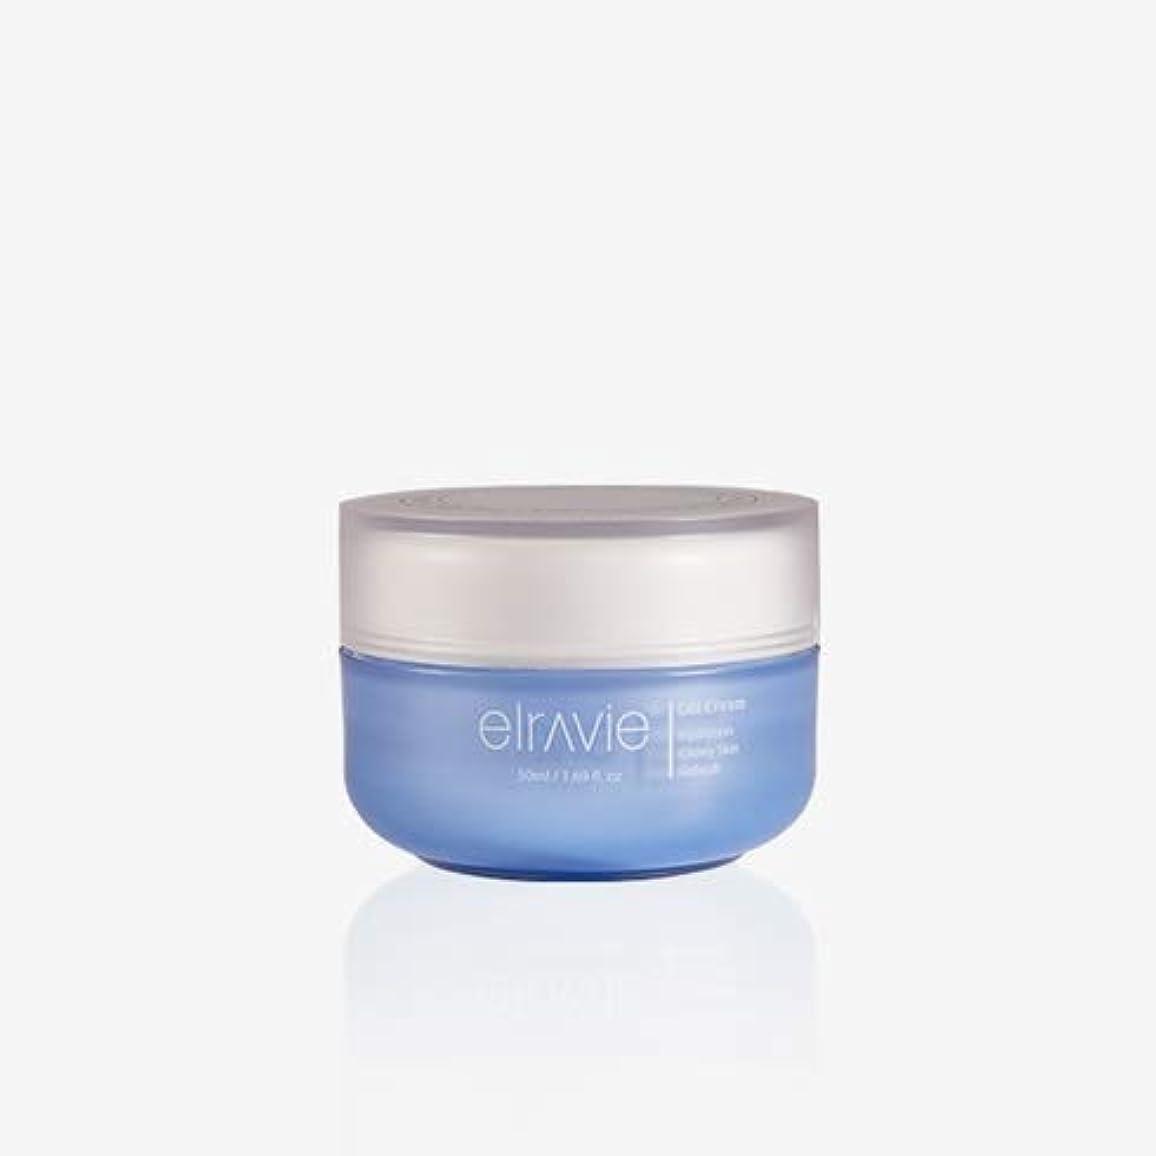 拮抗上院石化するエラヴィー[Elravie] ダーマハイドロエクステンデッドハイジェルクリーム50ml / Derma Hydro Extended Hyal Gel Cream